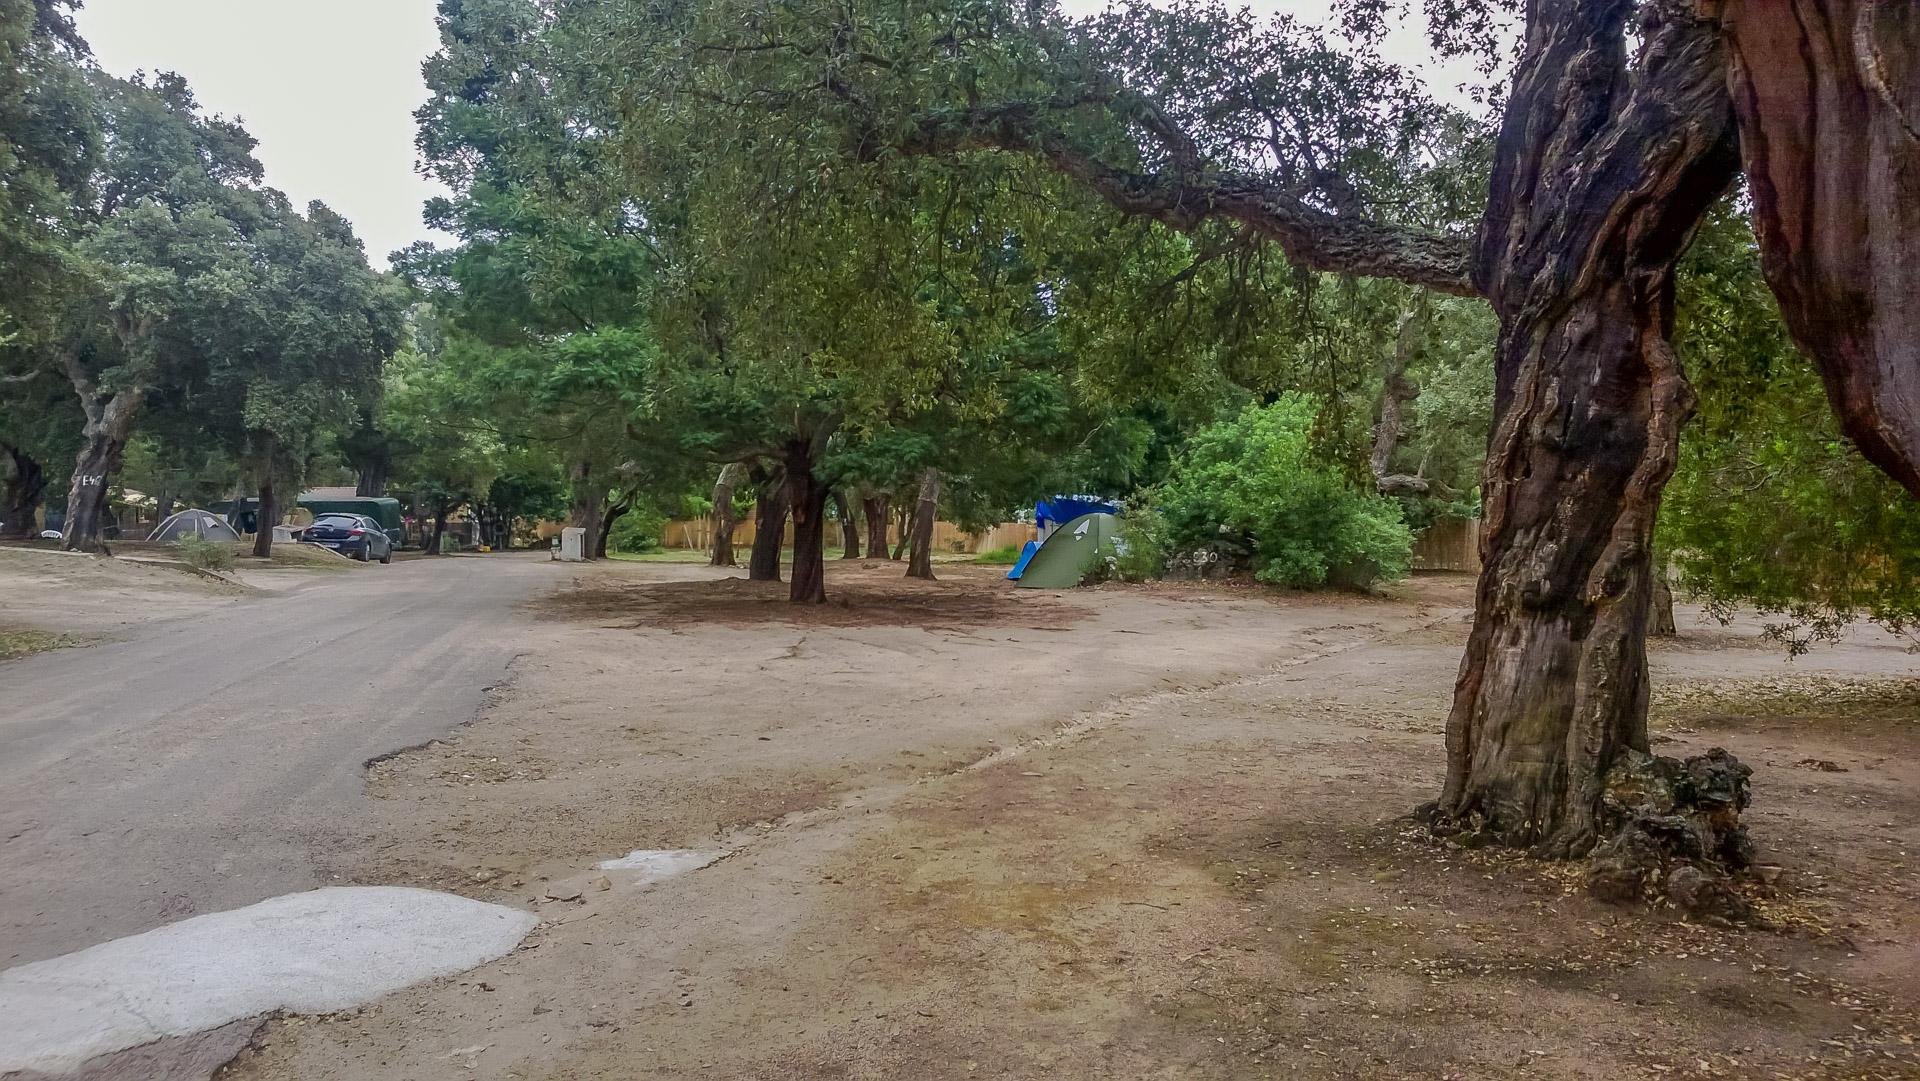 Camping Pezza Cardo